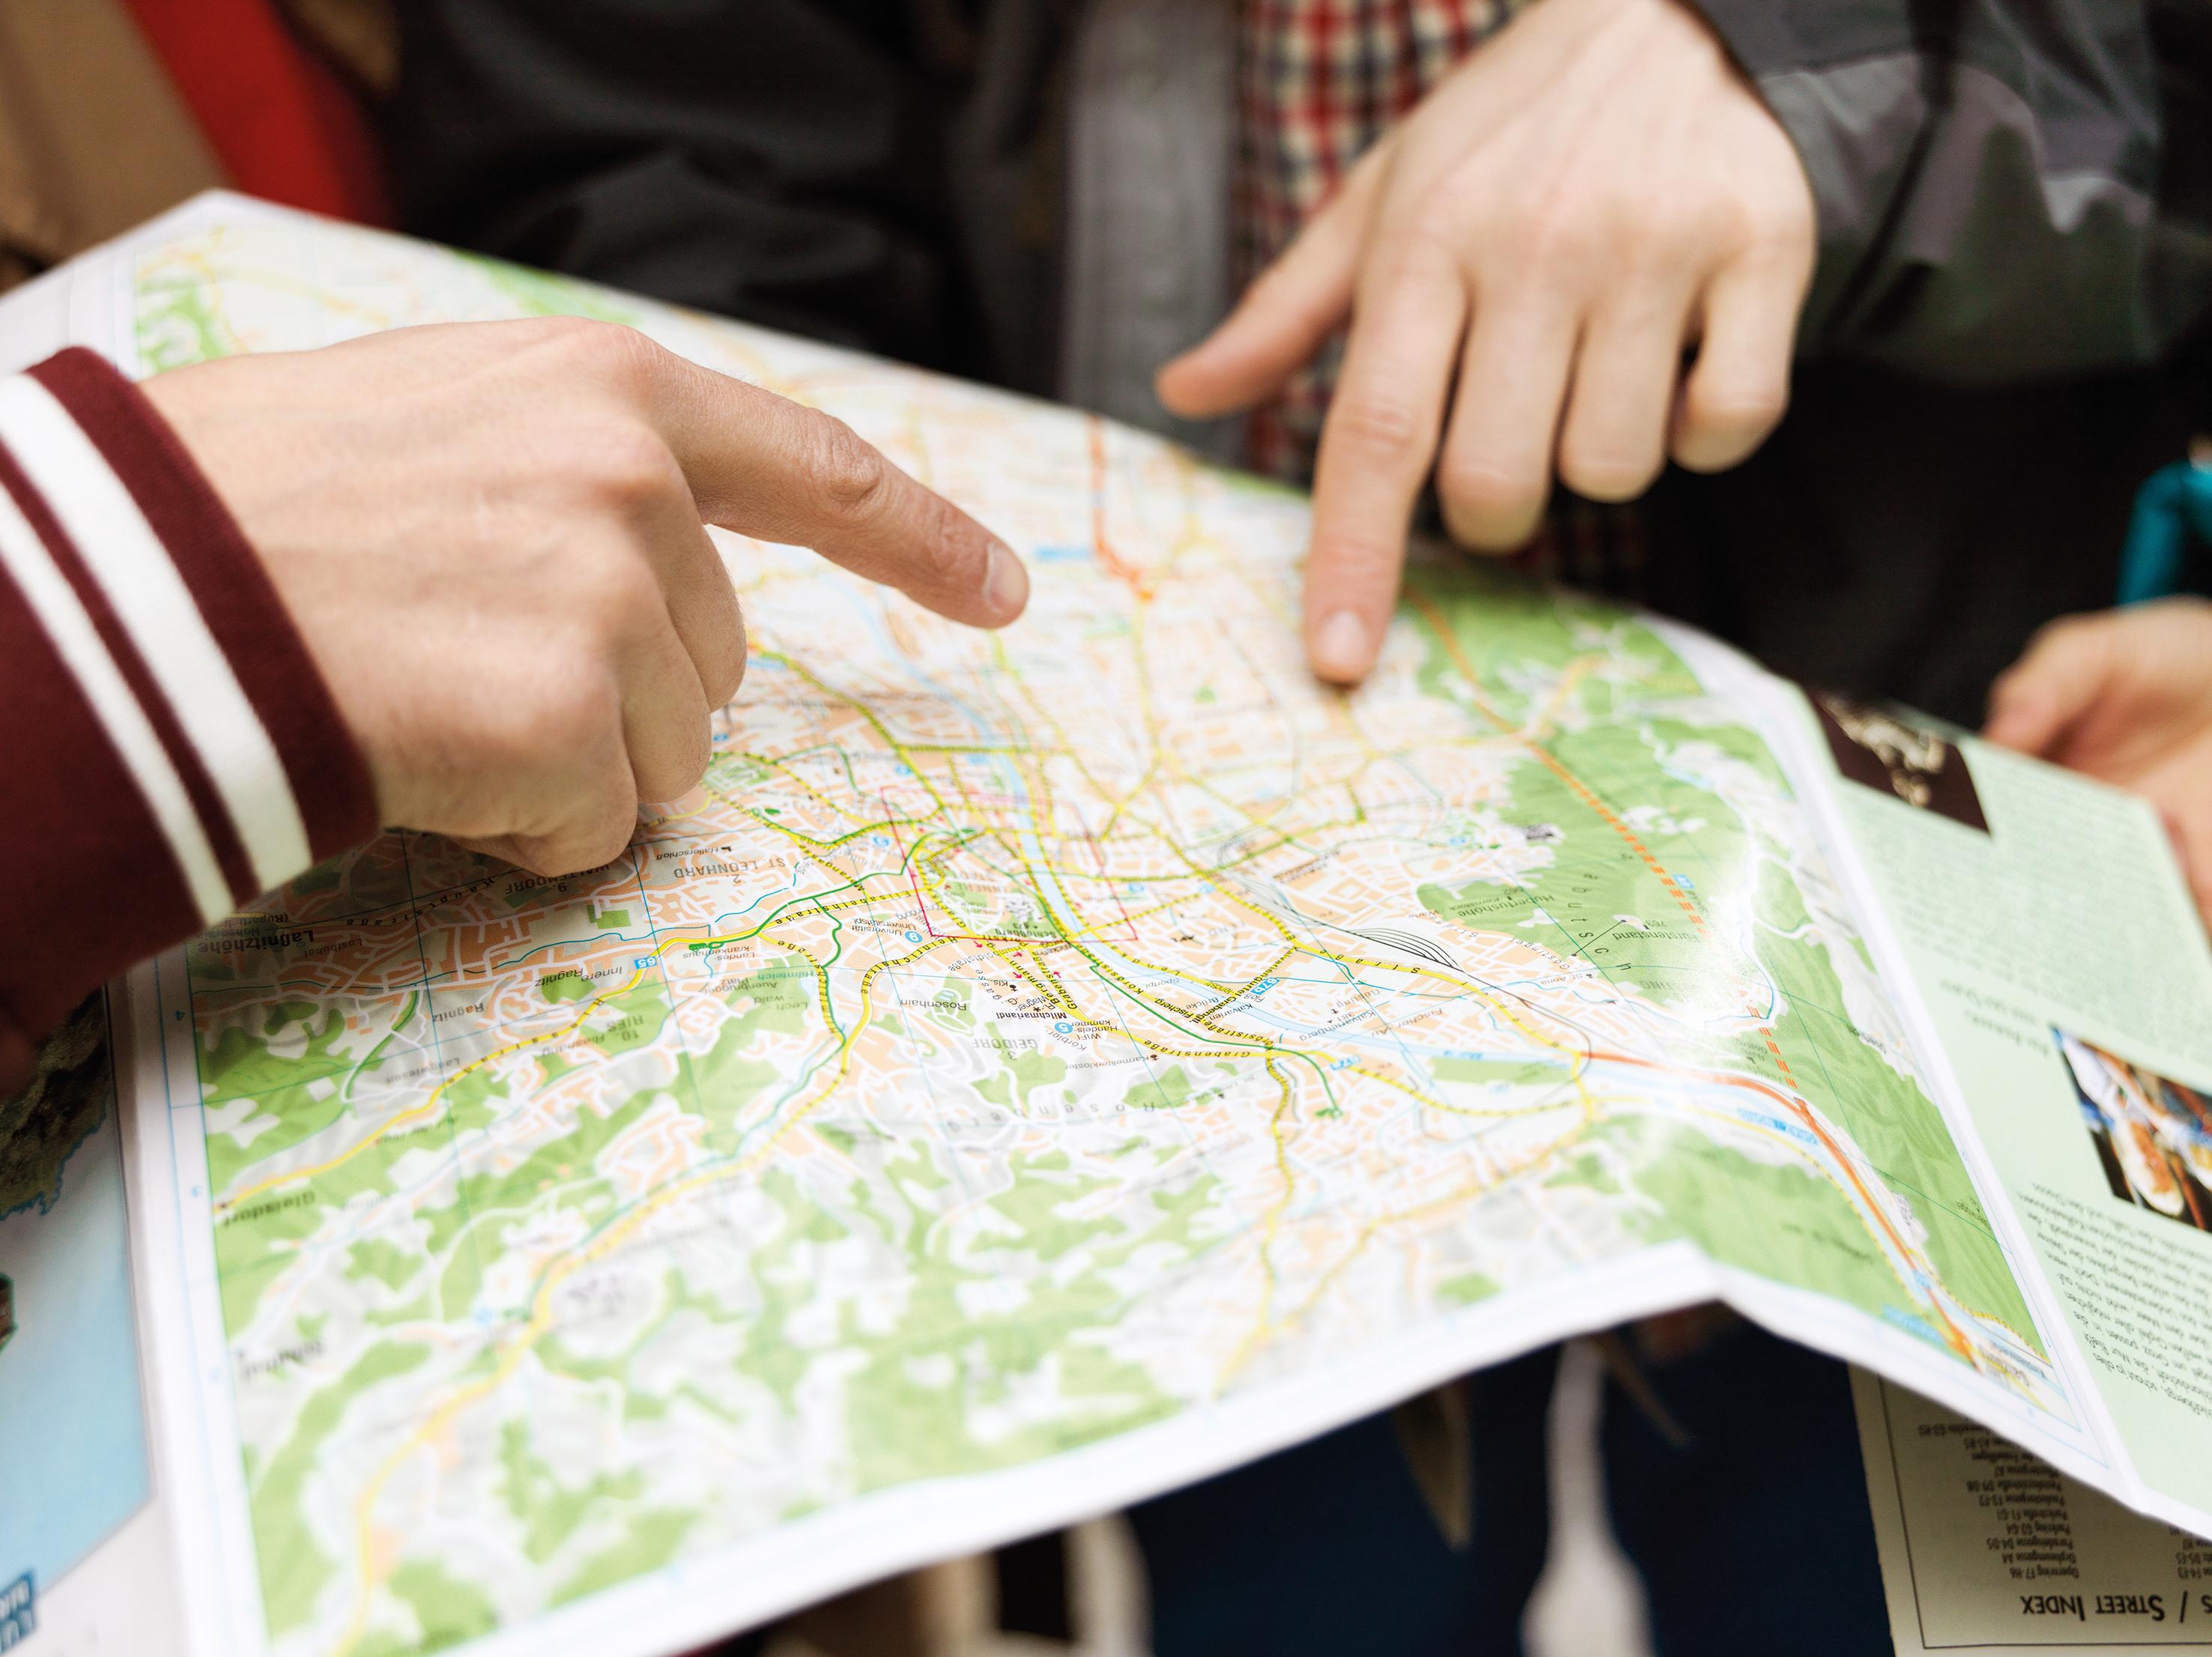 Suche nach Kundenberatern, Kundencentern und Kfz-Zulassungsstellen